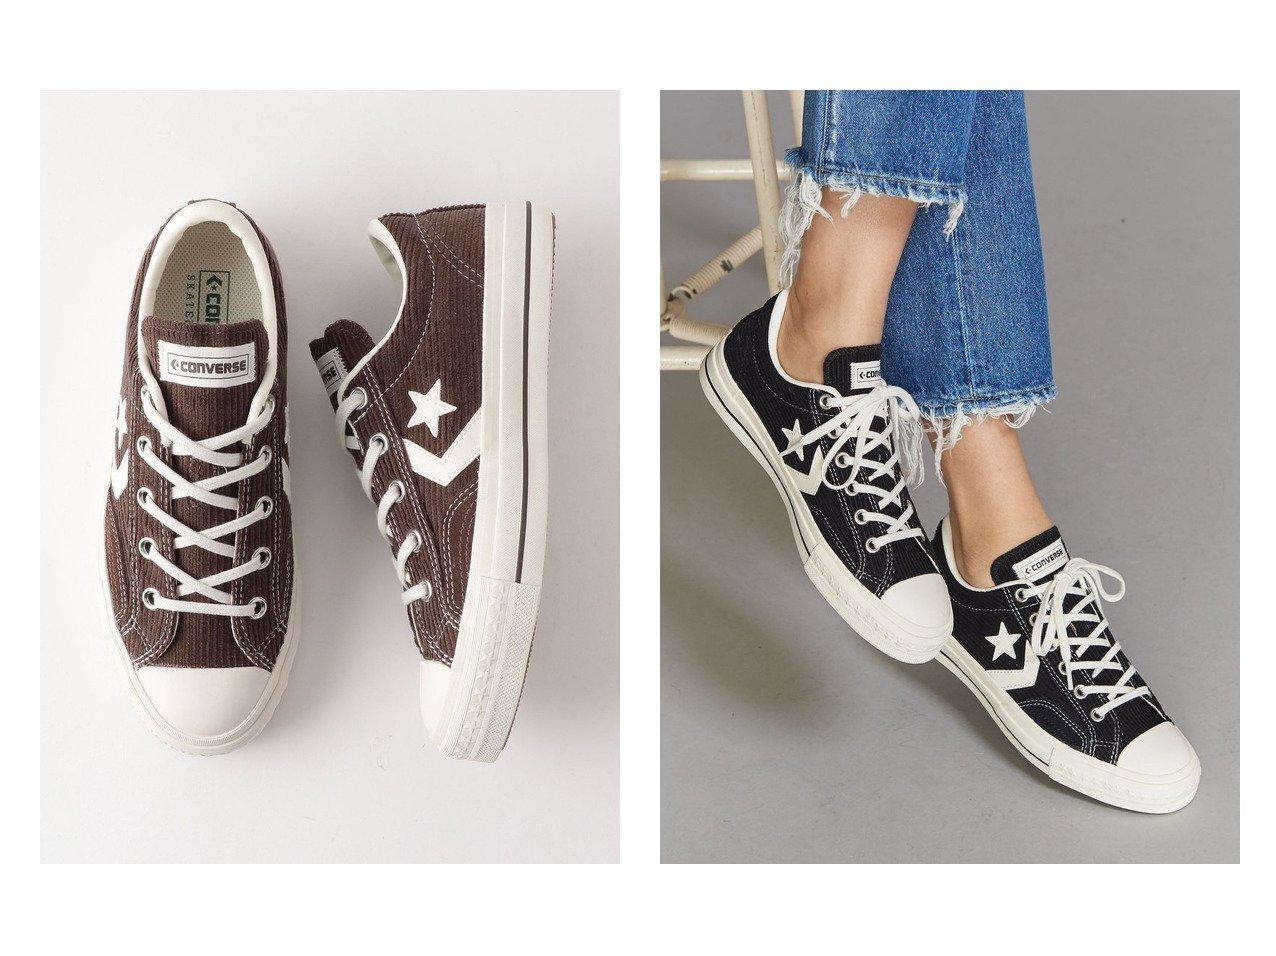 【BEAUTY&YOUTH UNITED ARROWS/ビューティアンド ユースユナイテッドアローズ】のCONVERSE(コンバース) CX-PRO SK コーデュロイ スニーカー シューズ・靴のおすすめ!人気、トレンド・レディースファッションの通販 おすすめで人気の流行・トレンド、ファッションの通販商品 メンズファッション・キッズファッション・インテリア・家具・レディースファッション・服の通販 founy(ファニー) https://founy.com/ ファッション Fashion レディースファッション WOMEN キャンバス クラシカル コーデュロイ シューズ スニーカー スリッポン フェミニン ラバー A/W 秋冬 AW Autumn/Winter / FW Fall-Winter |ID:crp329100000011797